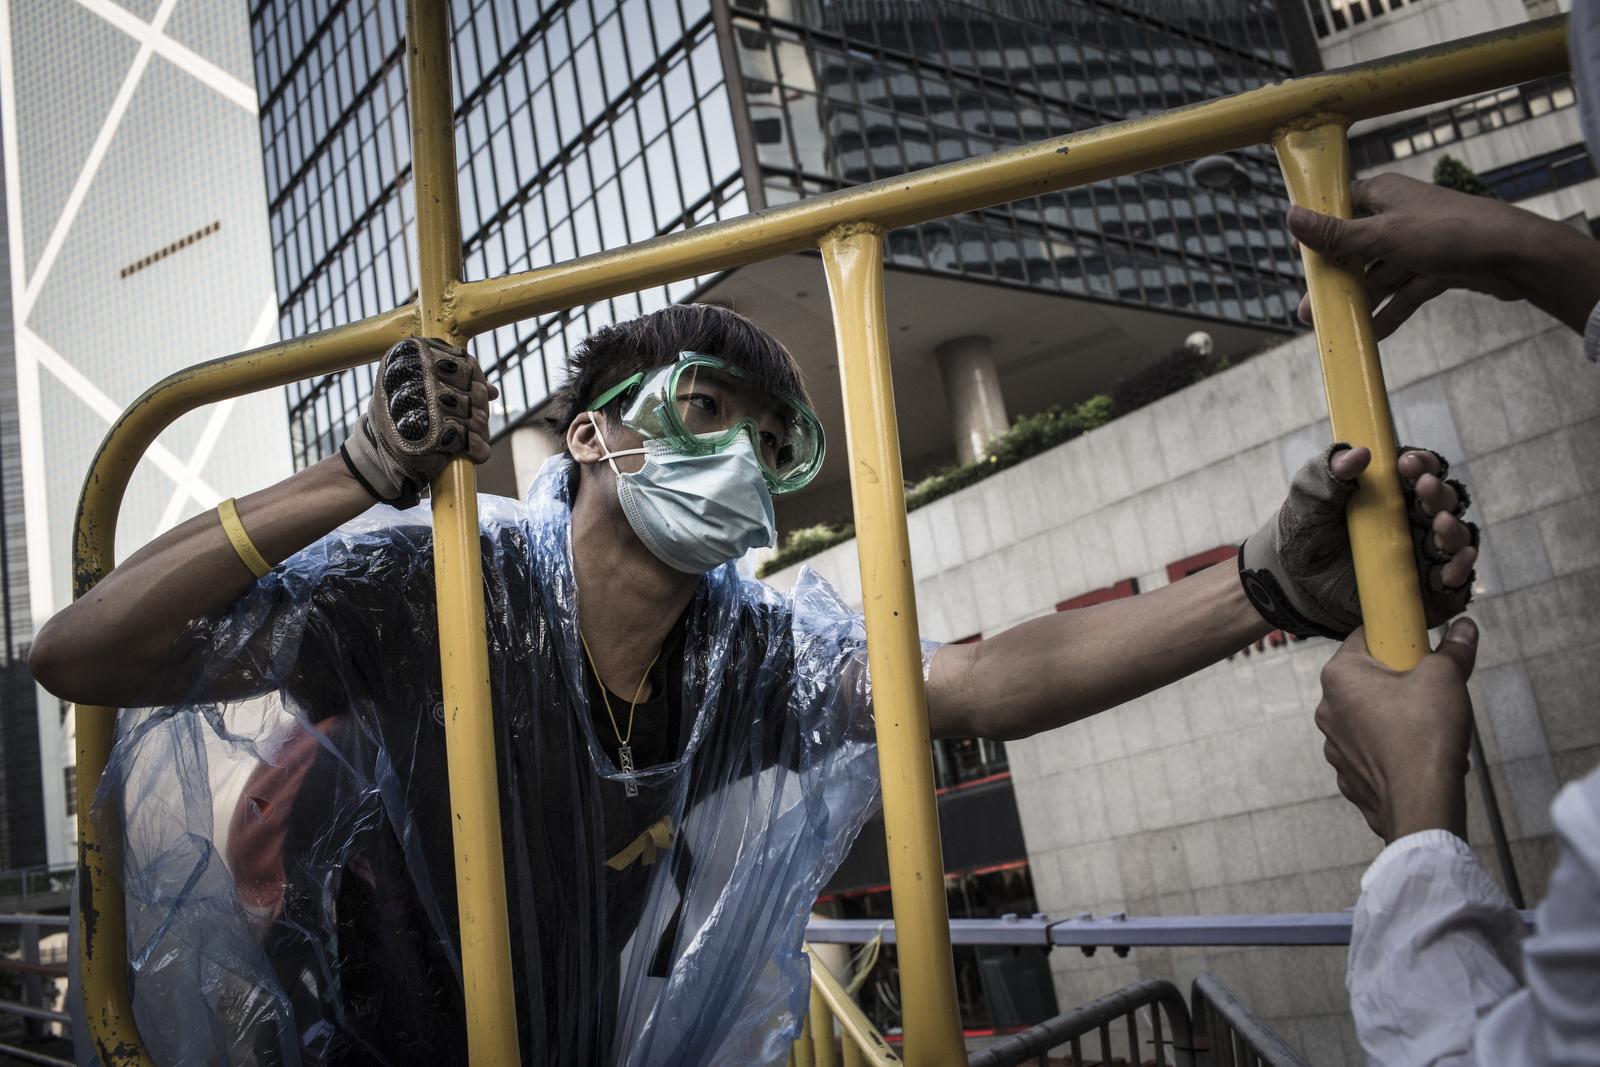 MATHIEU_WILLCOCKS_Hong Kong_Protest_0002.jpg